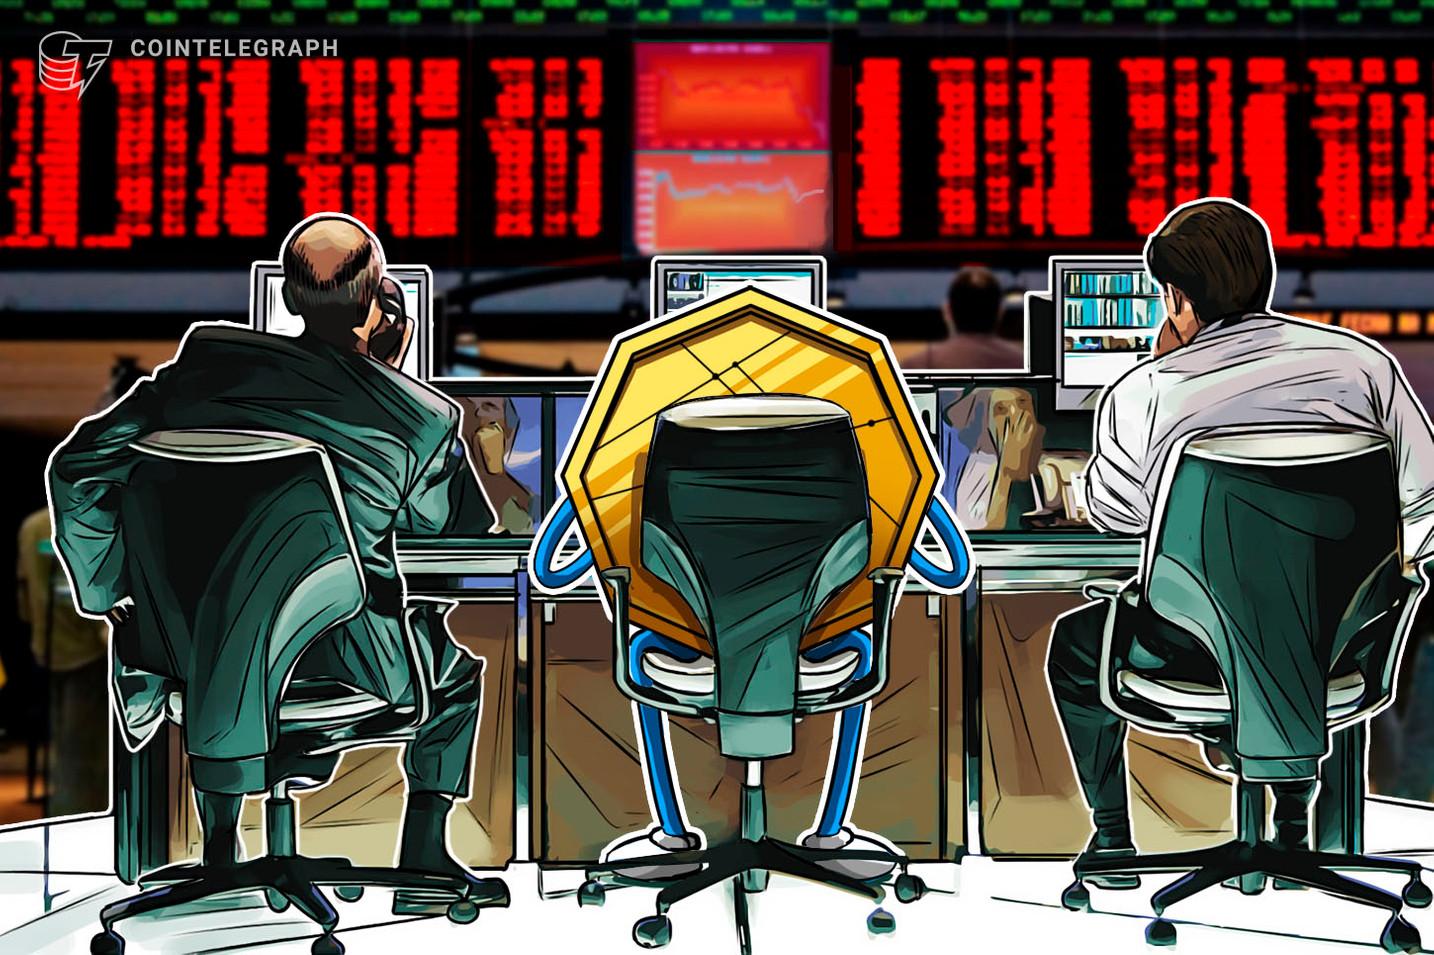 Los principales criptomercados reportan pérdidas, Bitcoin se mantiene en torno a los USD 11,000